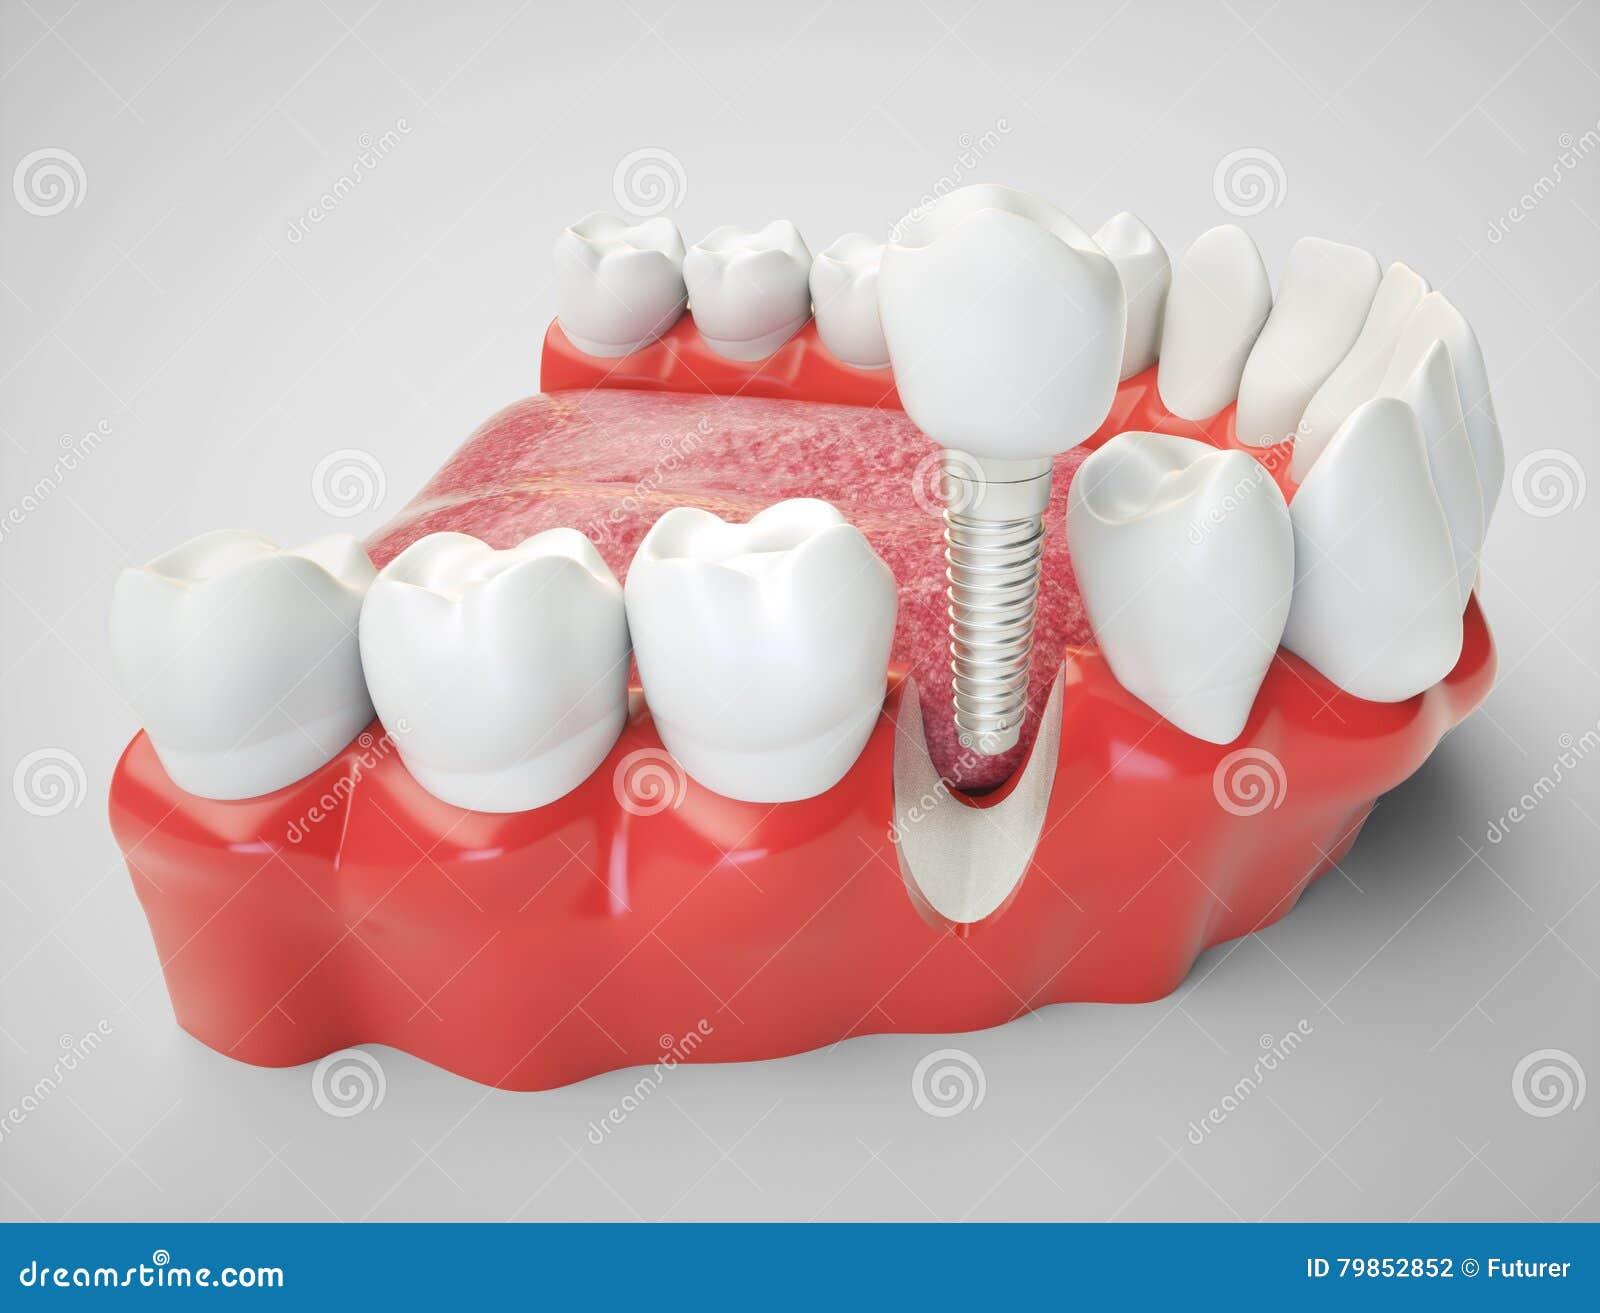 Зубной имплантат - перевод 3d